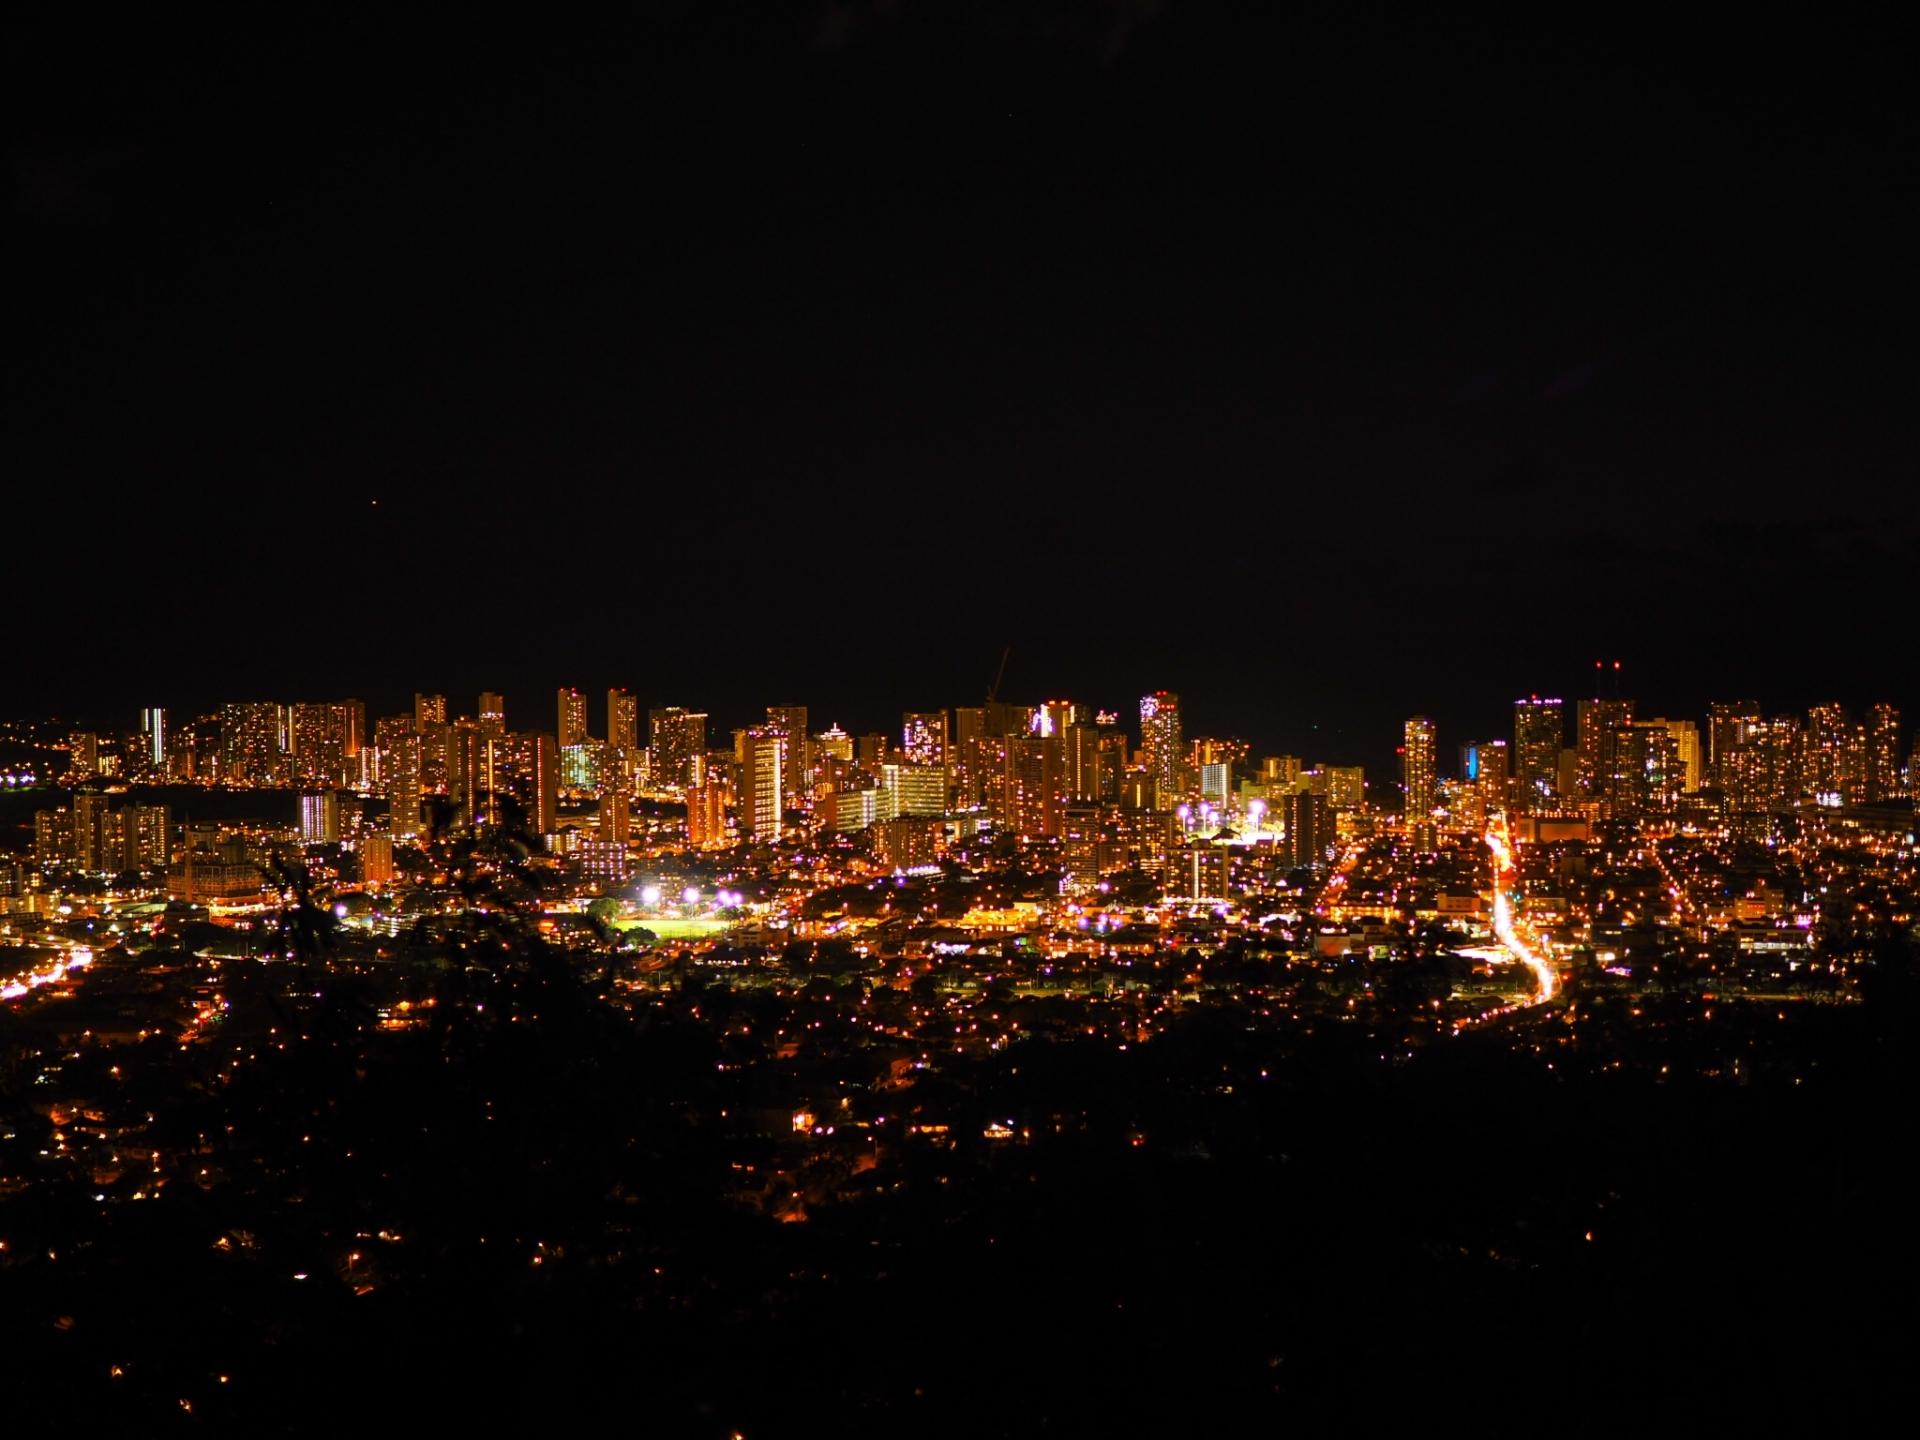 タンタラスの丘への行き方は?ハワイで人気の夜景スポットを紹介!